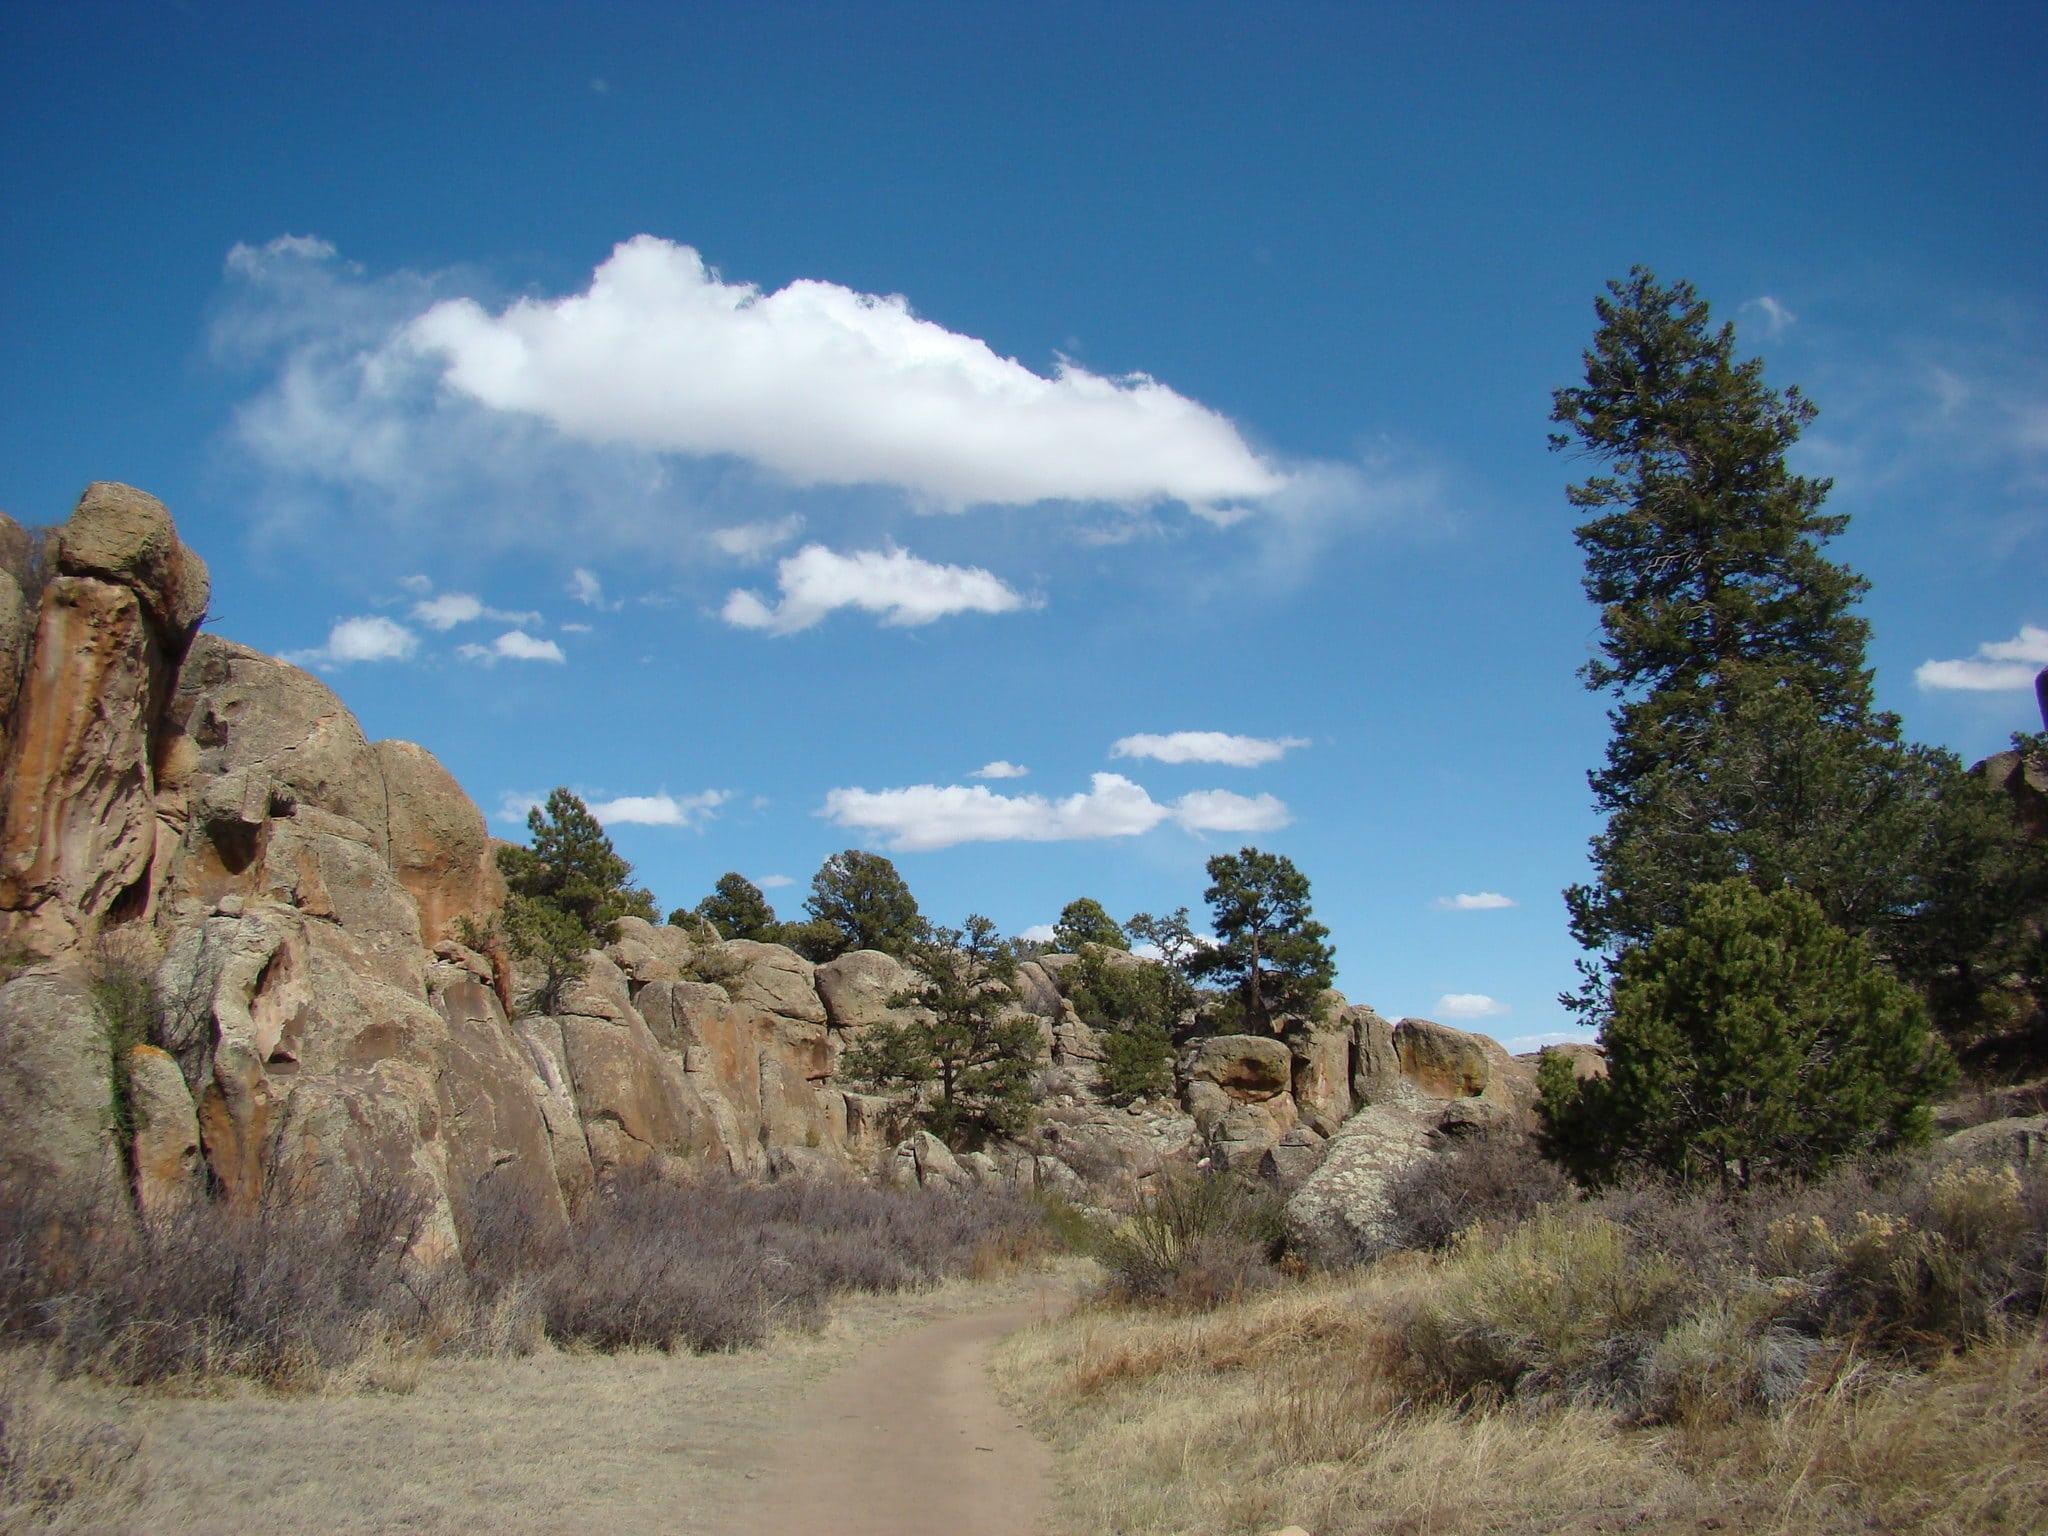 gambar dari penitente canyon